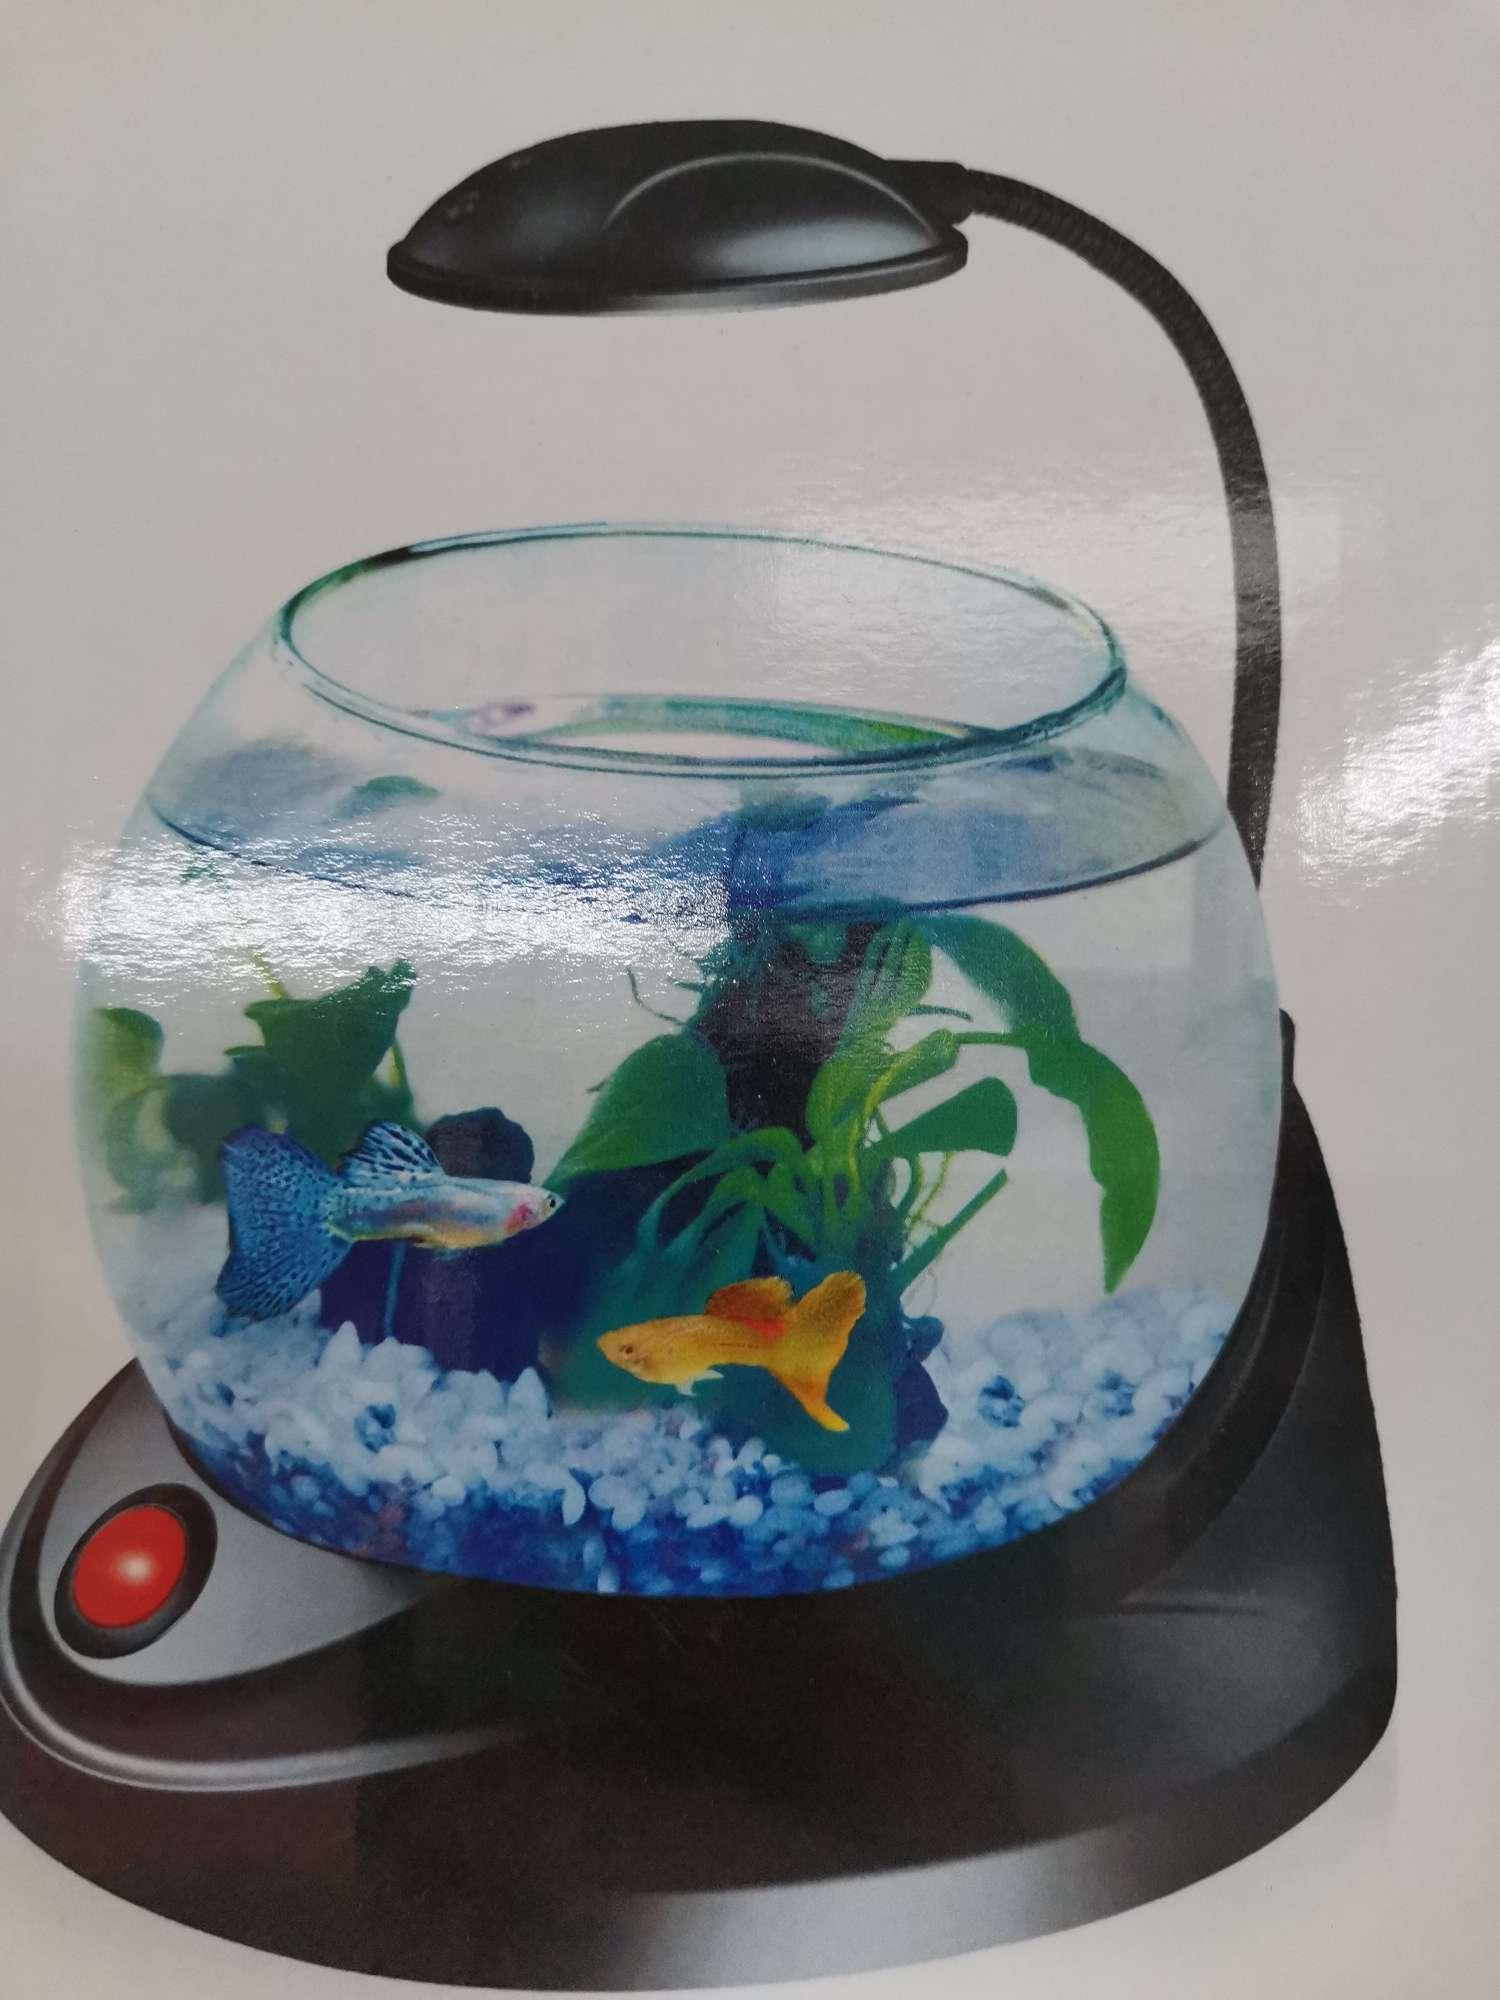 鱼缸水族箱桌面客厅家用小型自循环懒人免换水玻璃生态金鱼缸桌面迷你小鱼缸鱼碗